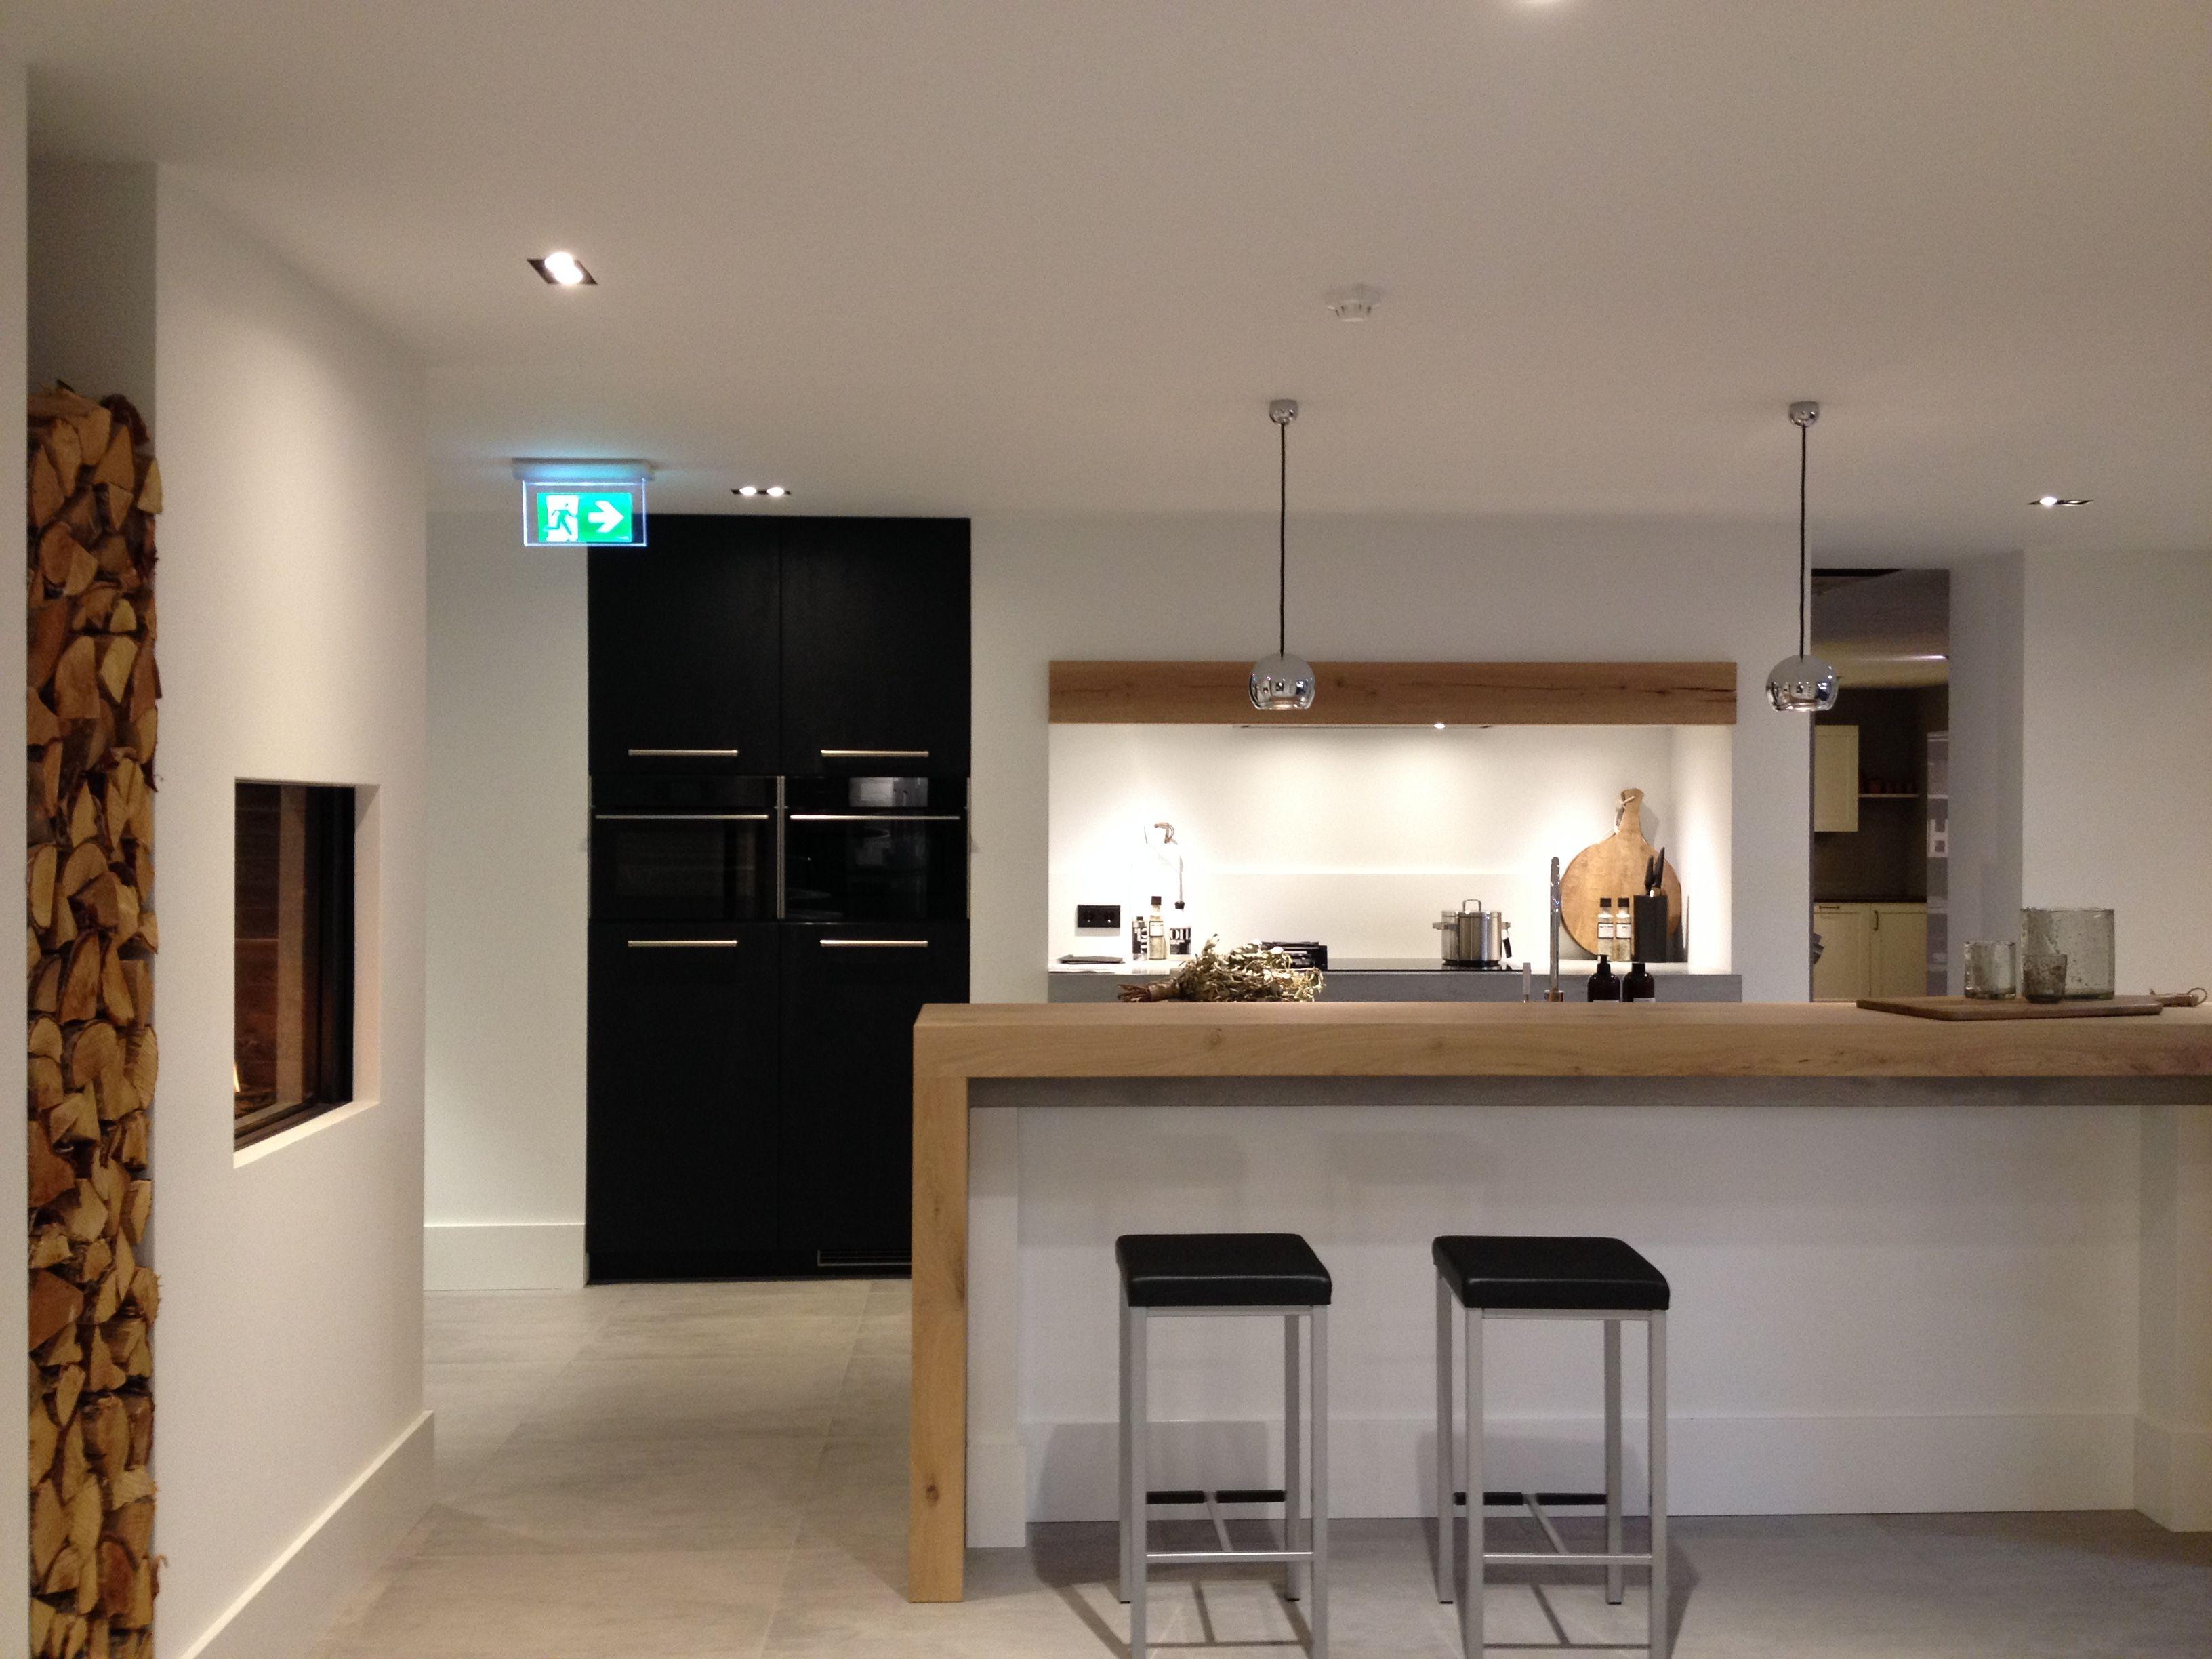 Keuken Bar Schiereiland : Robuurste lifestyle keuken met een werkblad van beton en een bar